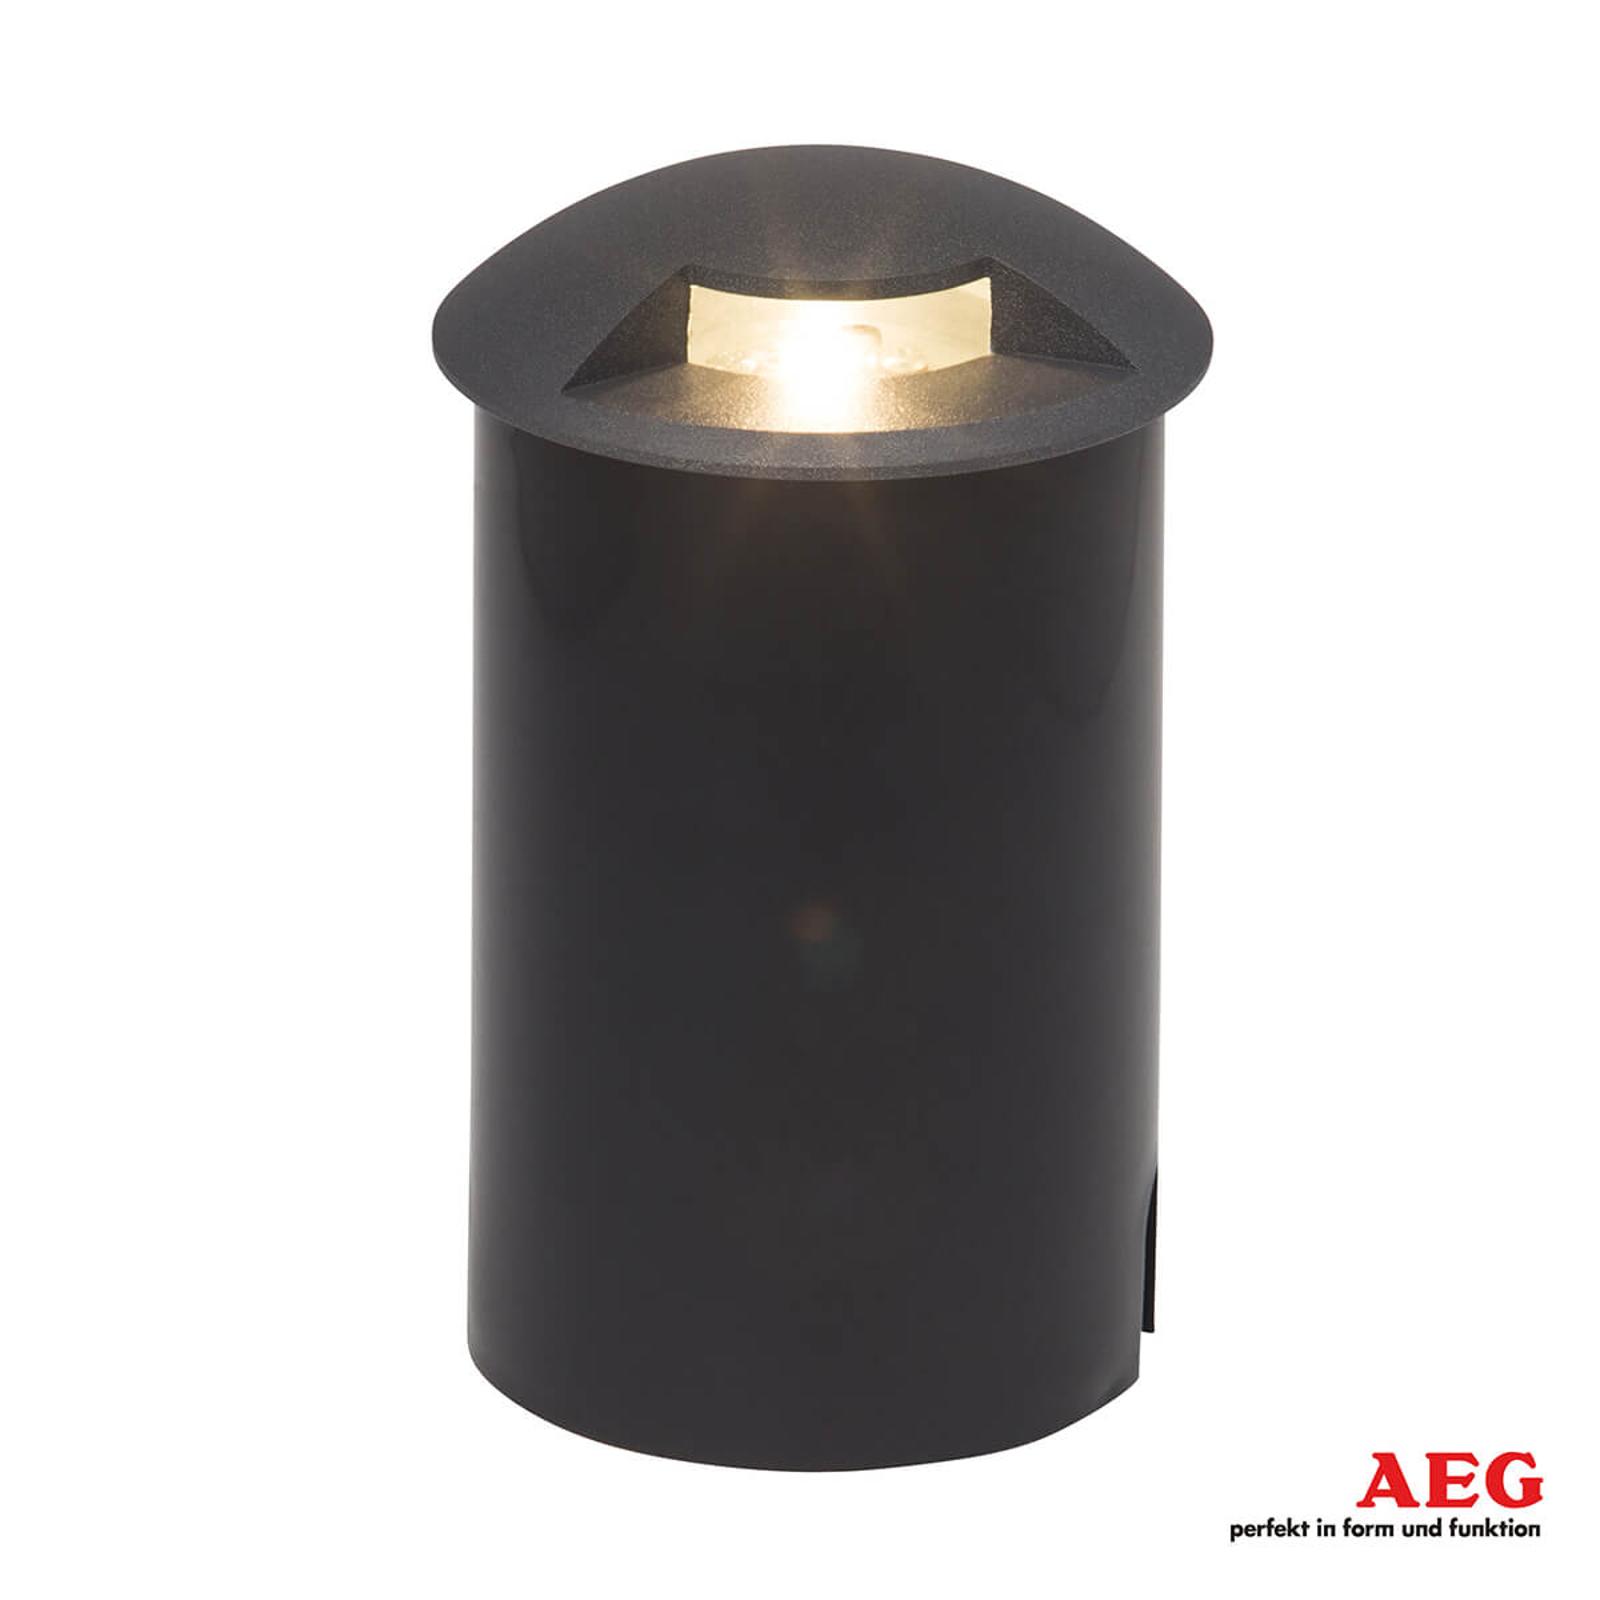 AEG Tritax - LED-Bodeneinbauleuchte, einseitig